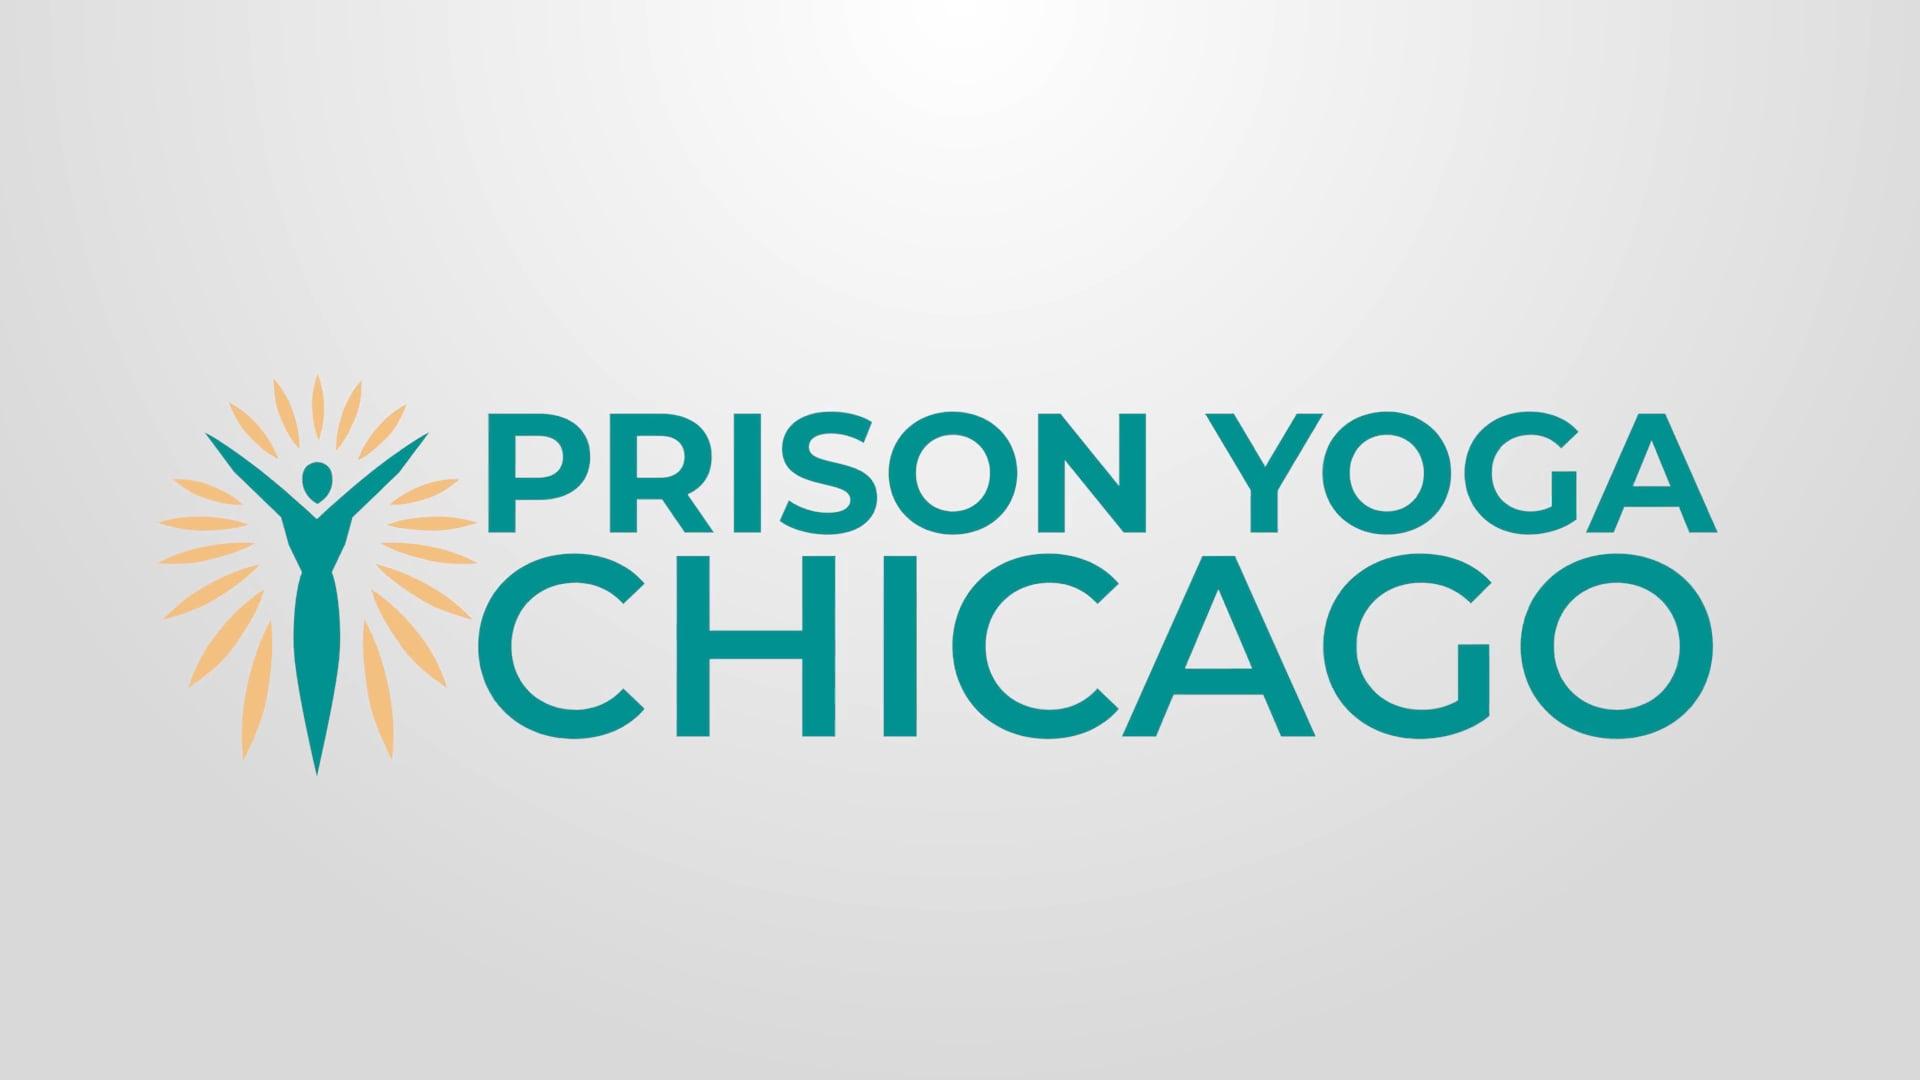 Prison Yoga Chicago